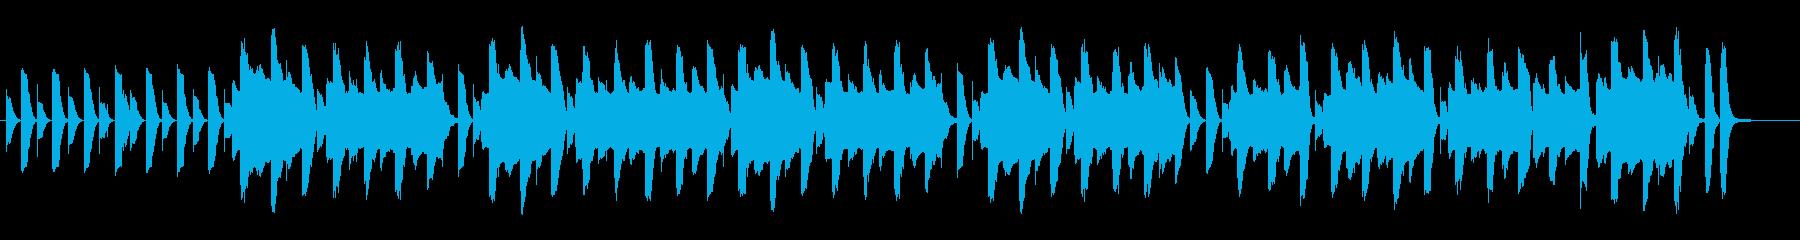 マリンバとフルートのほのぼのしたBGMの再生済みの波形